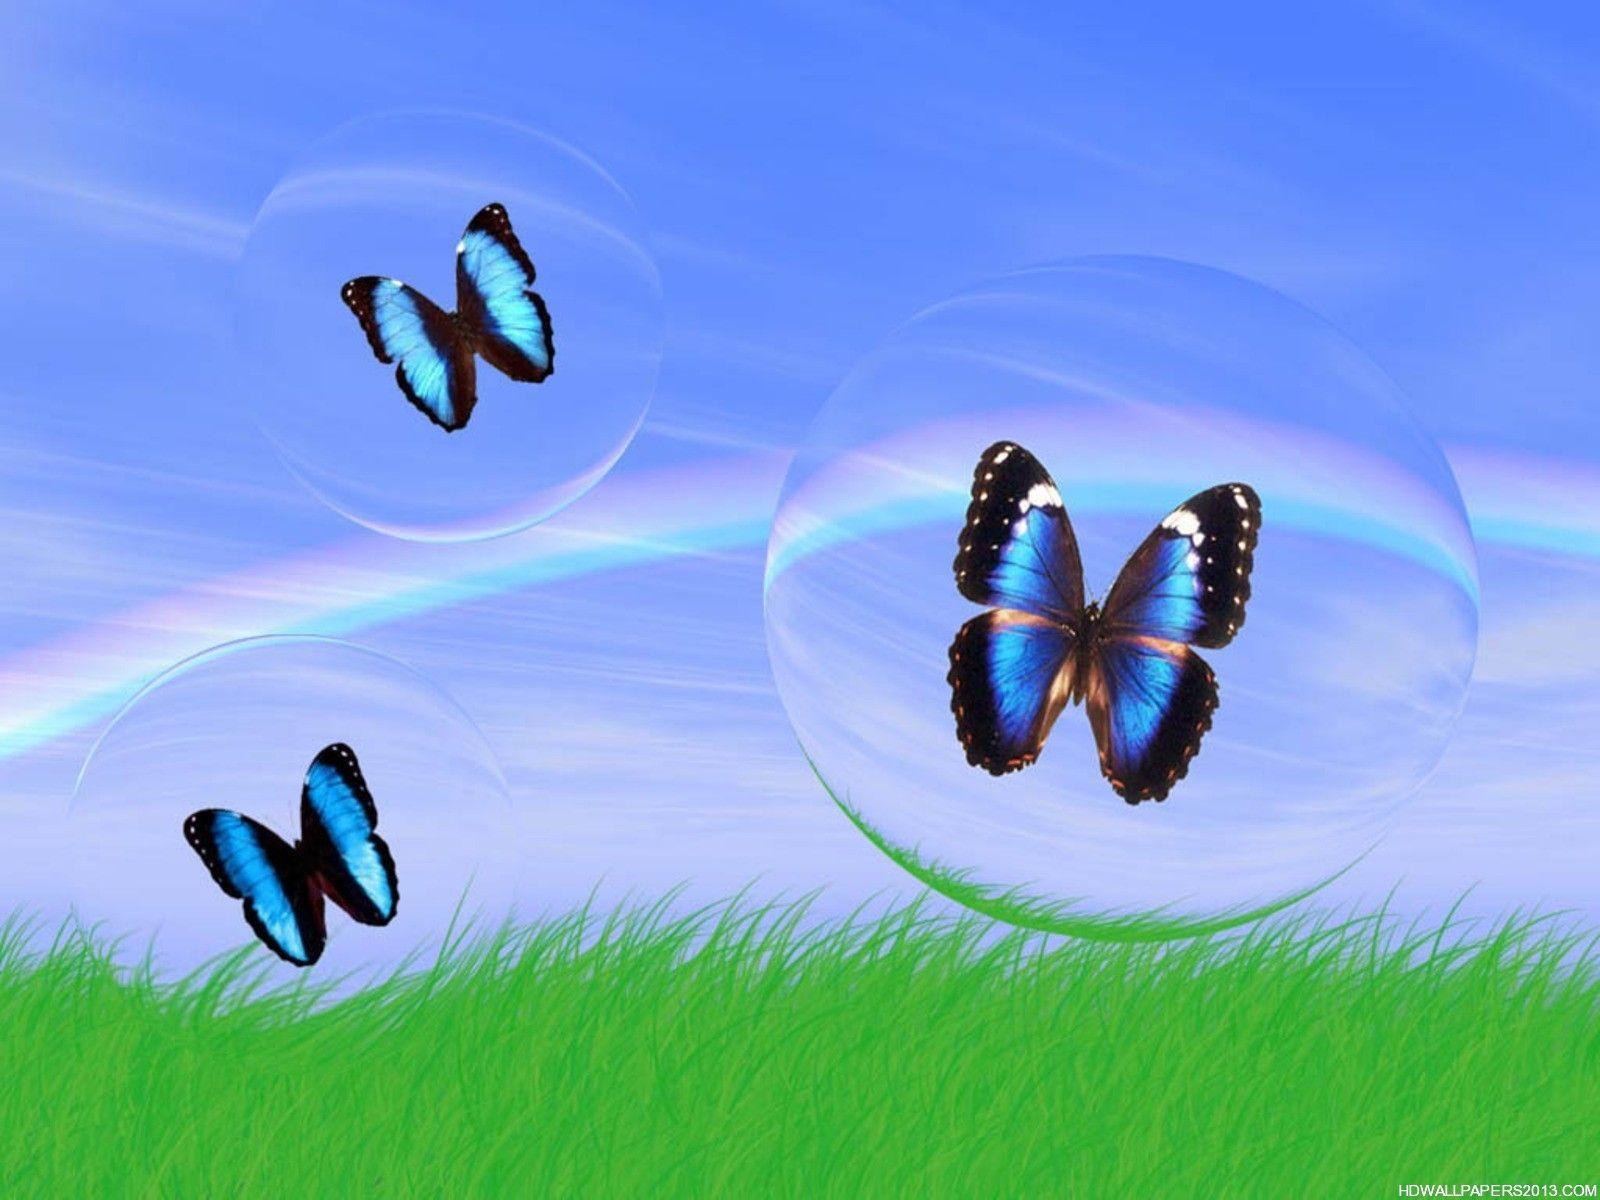 3d Butterfly Wallpaper - Butterfly In A Bubble , HD Wallpaper & Backgrounds